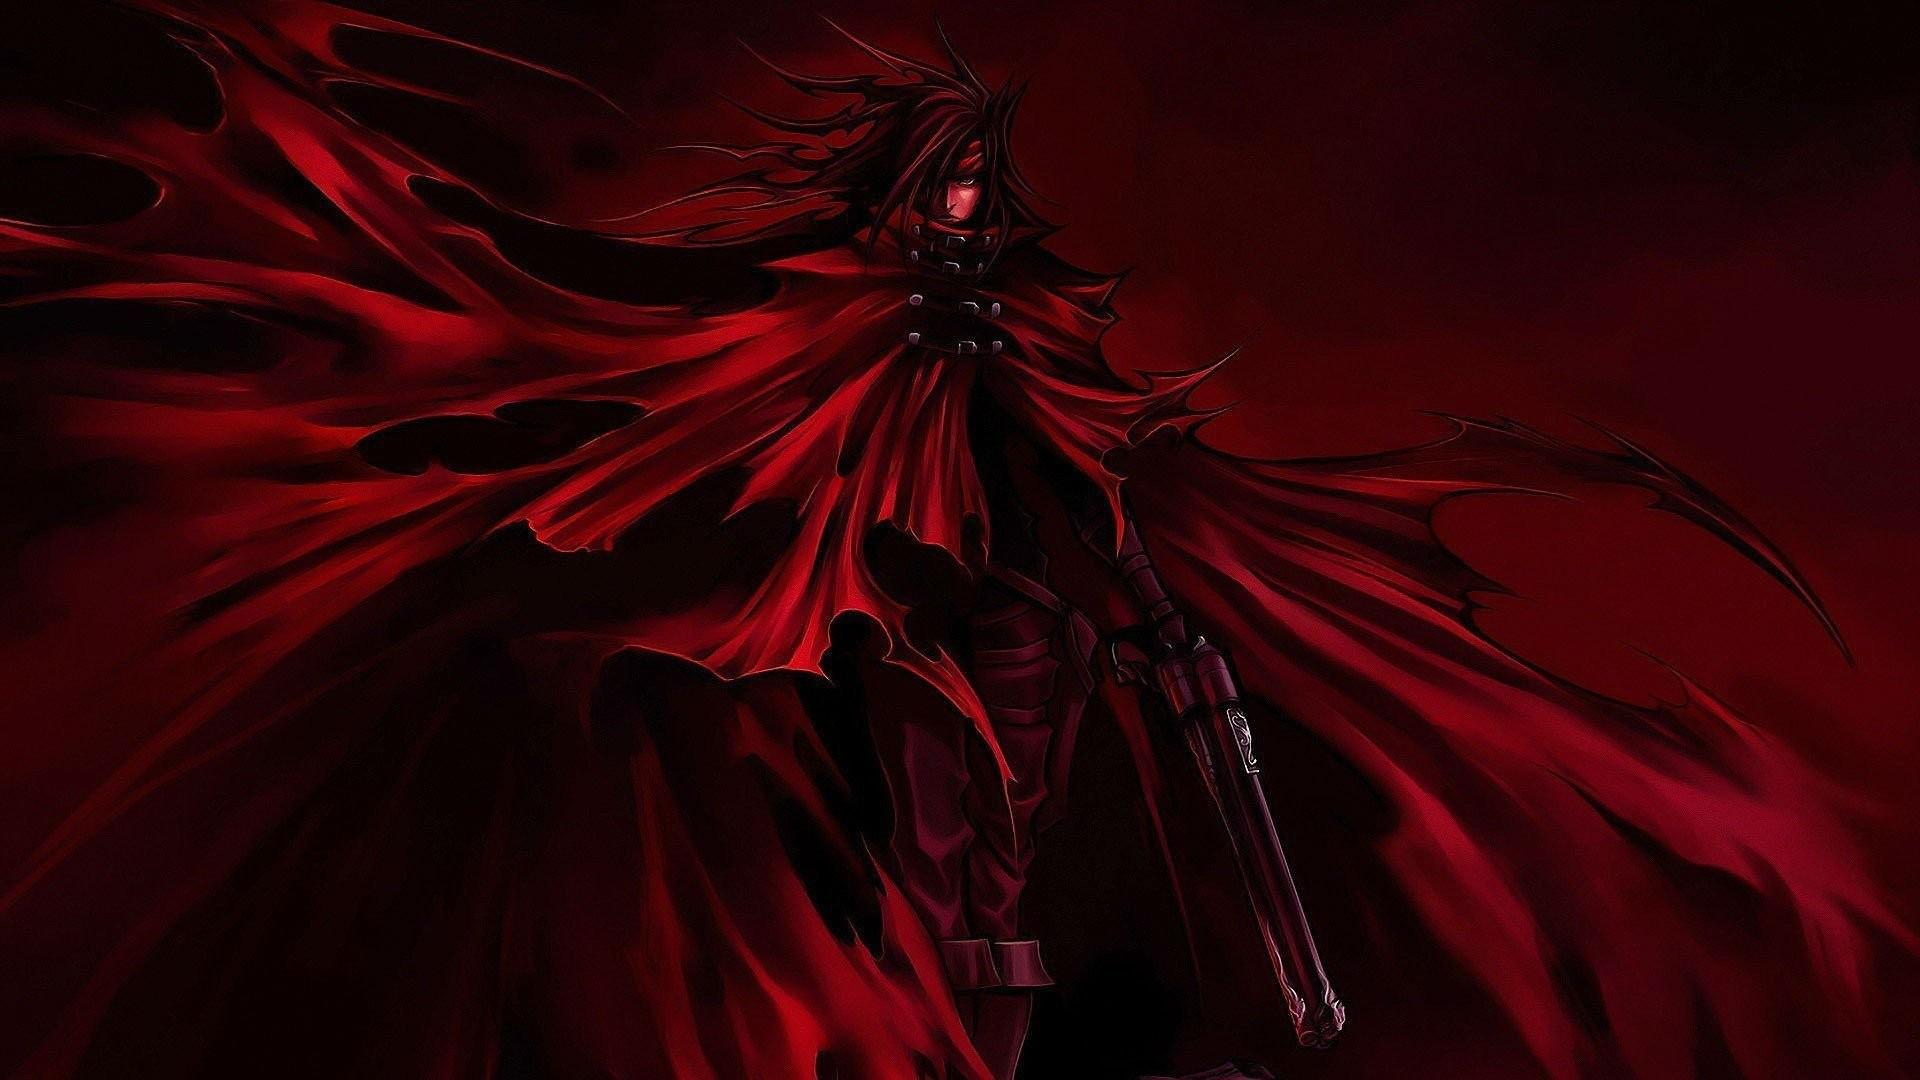 Final Fantasy Vincent Valentine Wallpaper (68+ Images